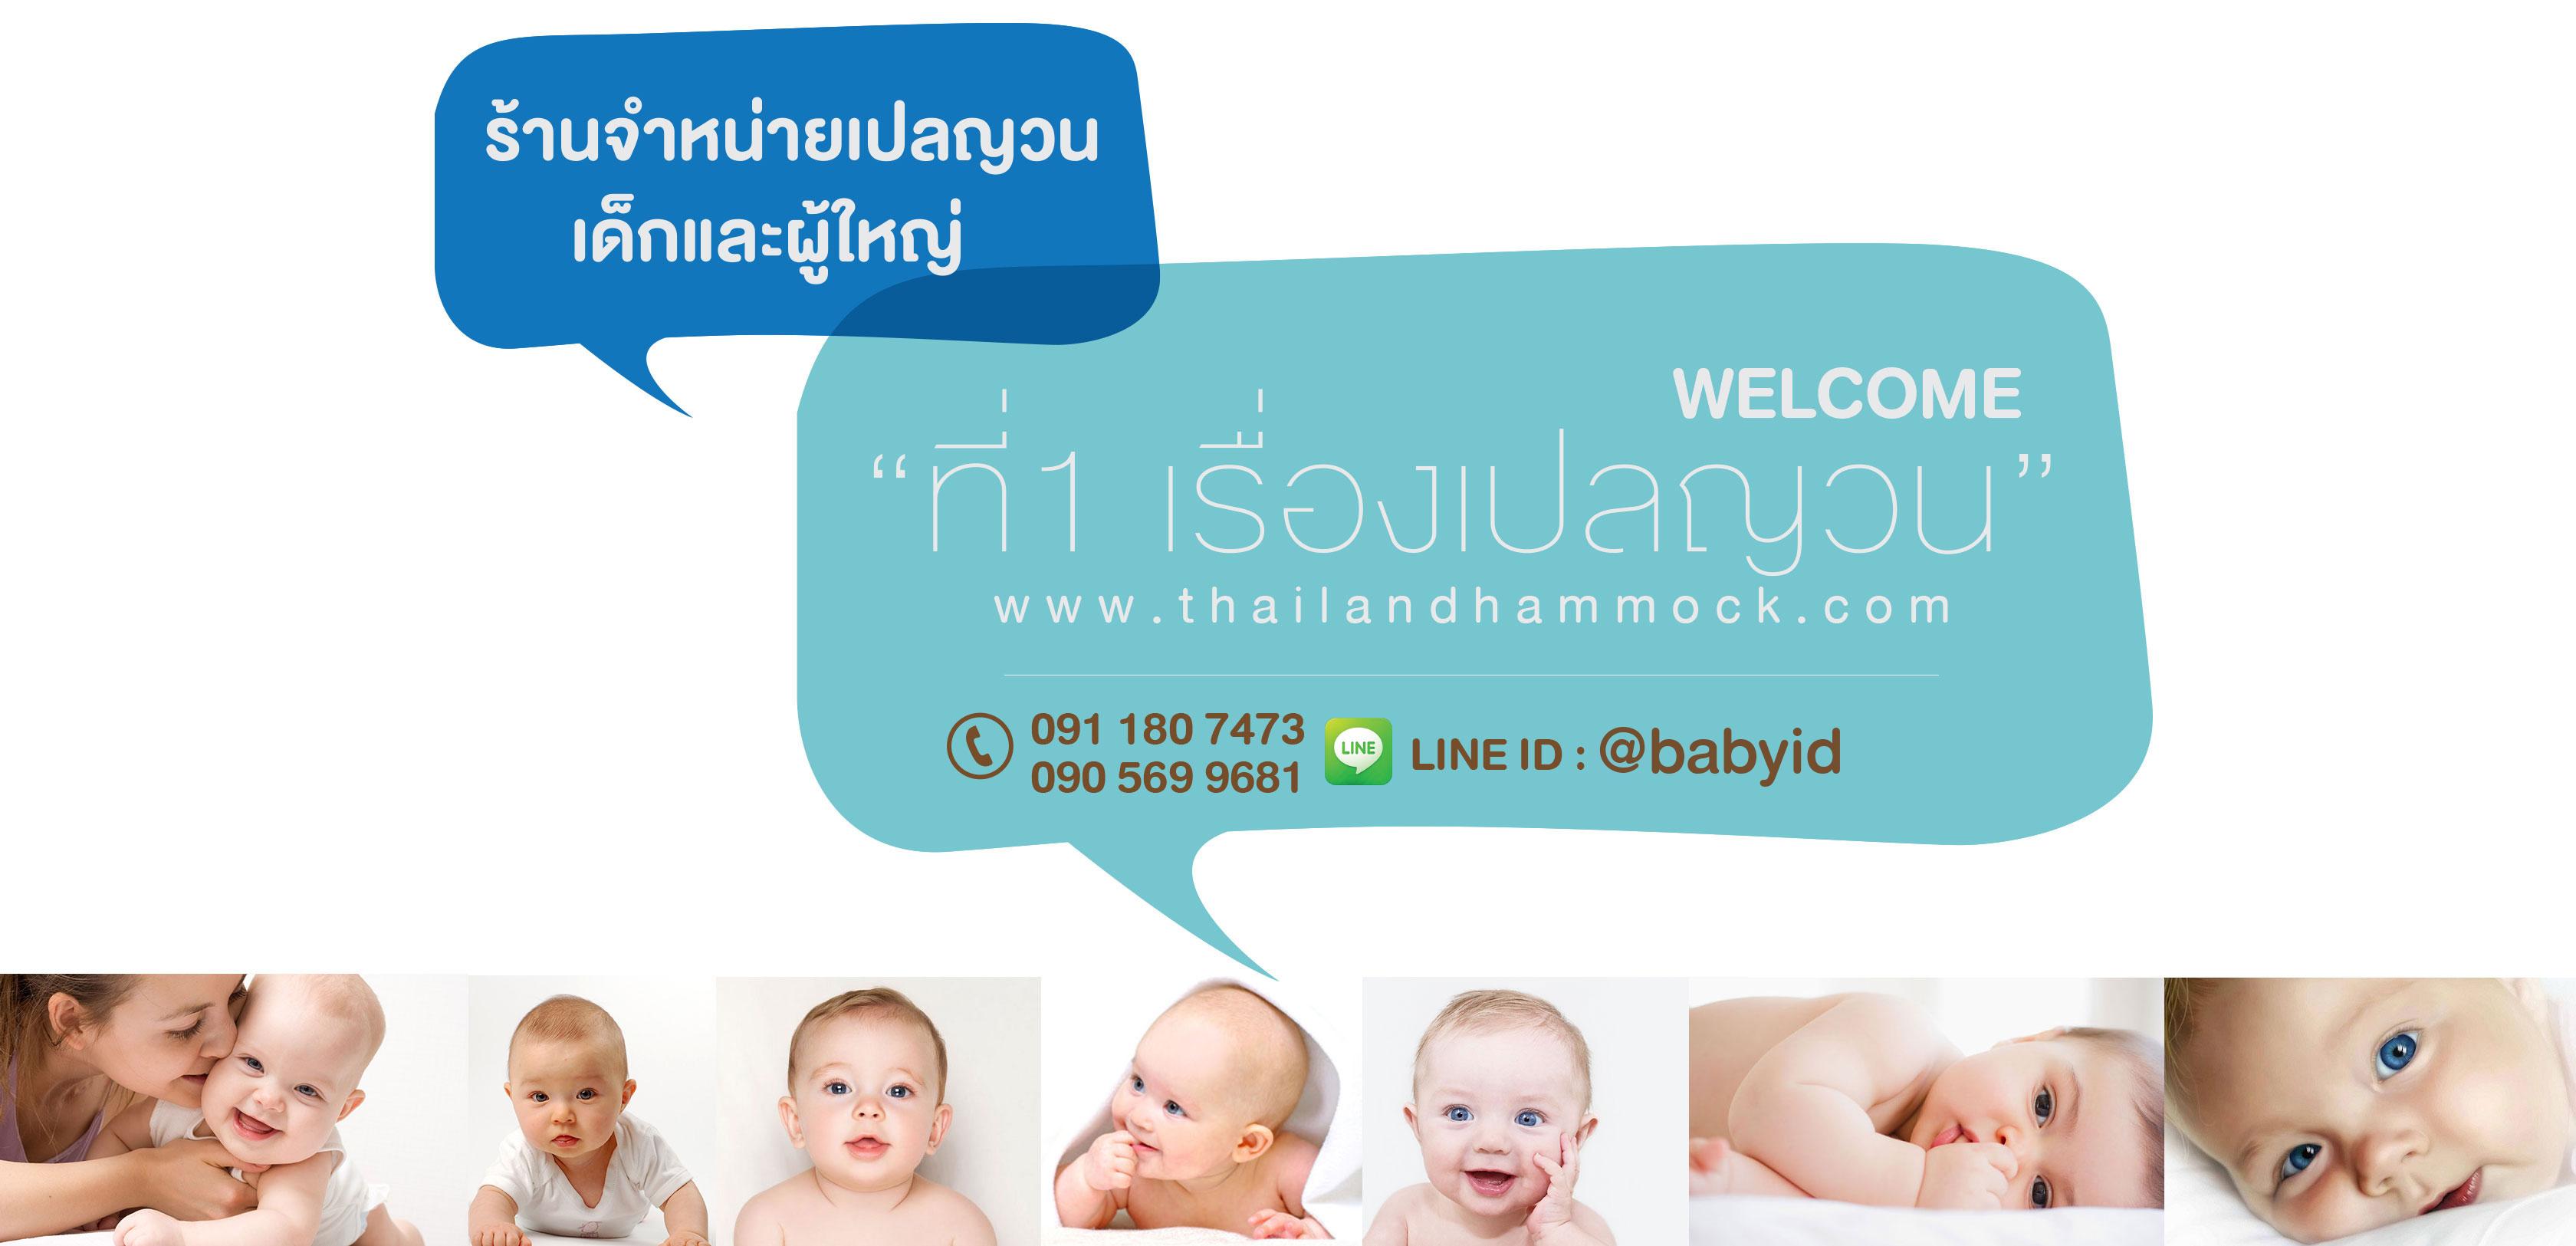 ร้านเปลญวน @ThailandHammock.com